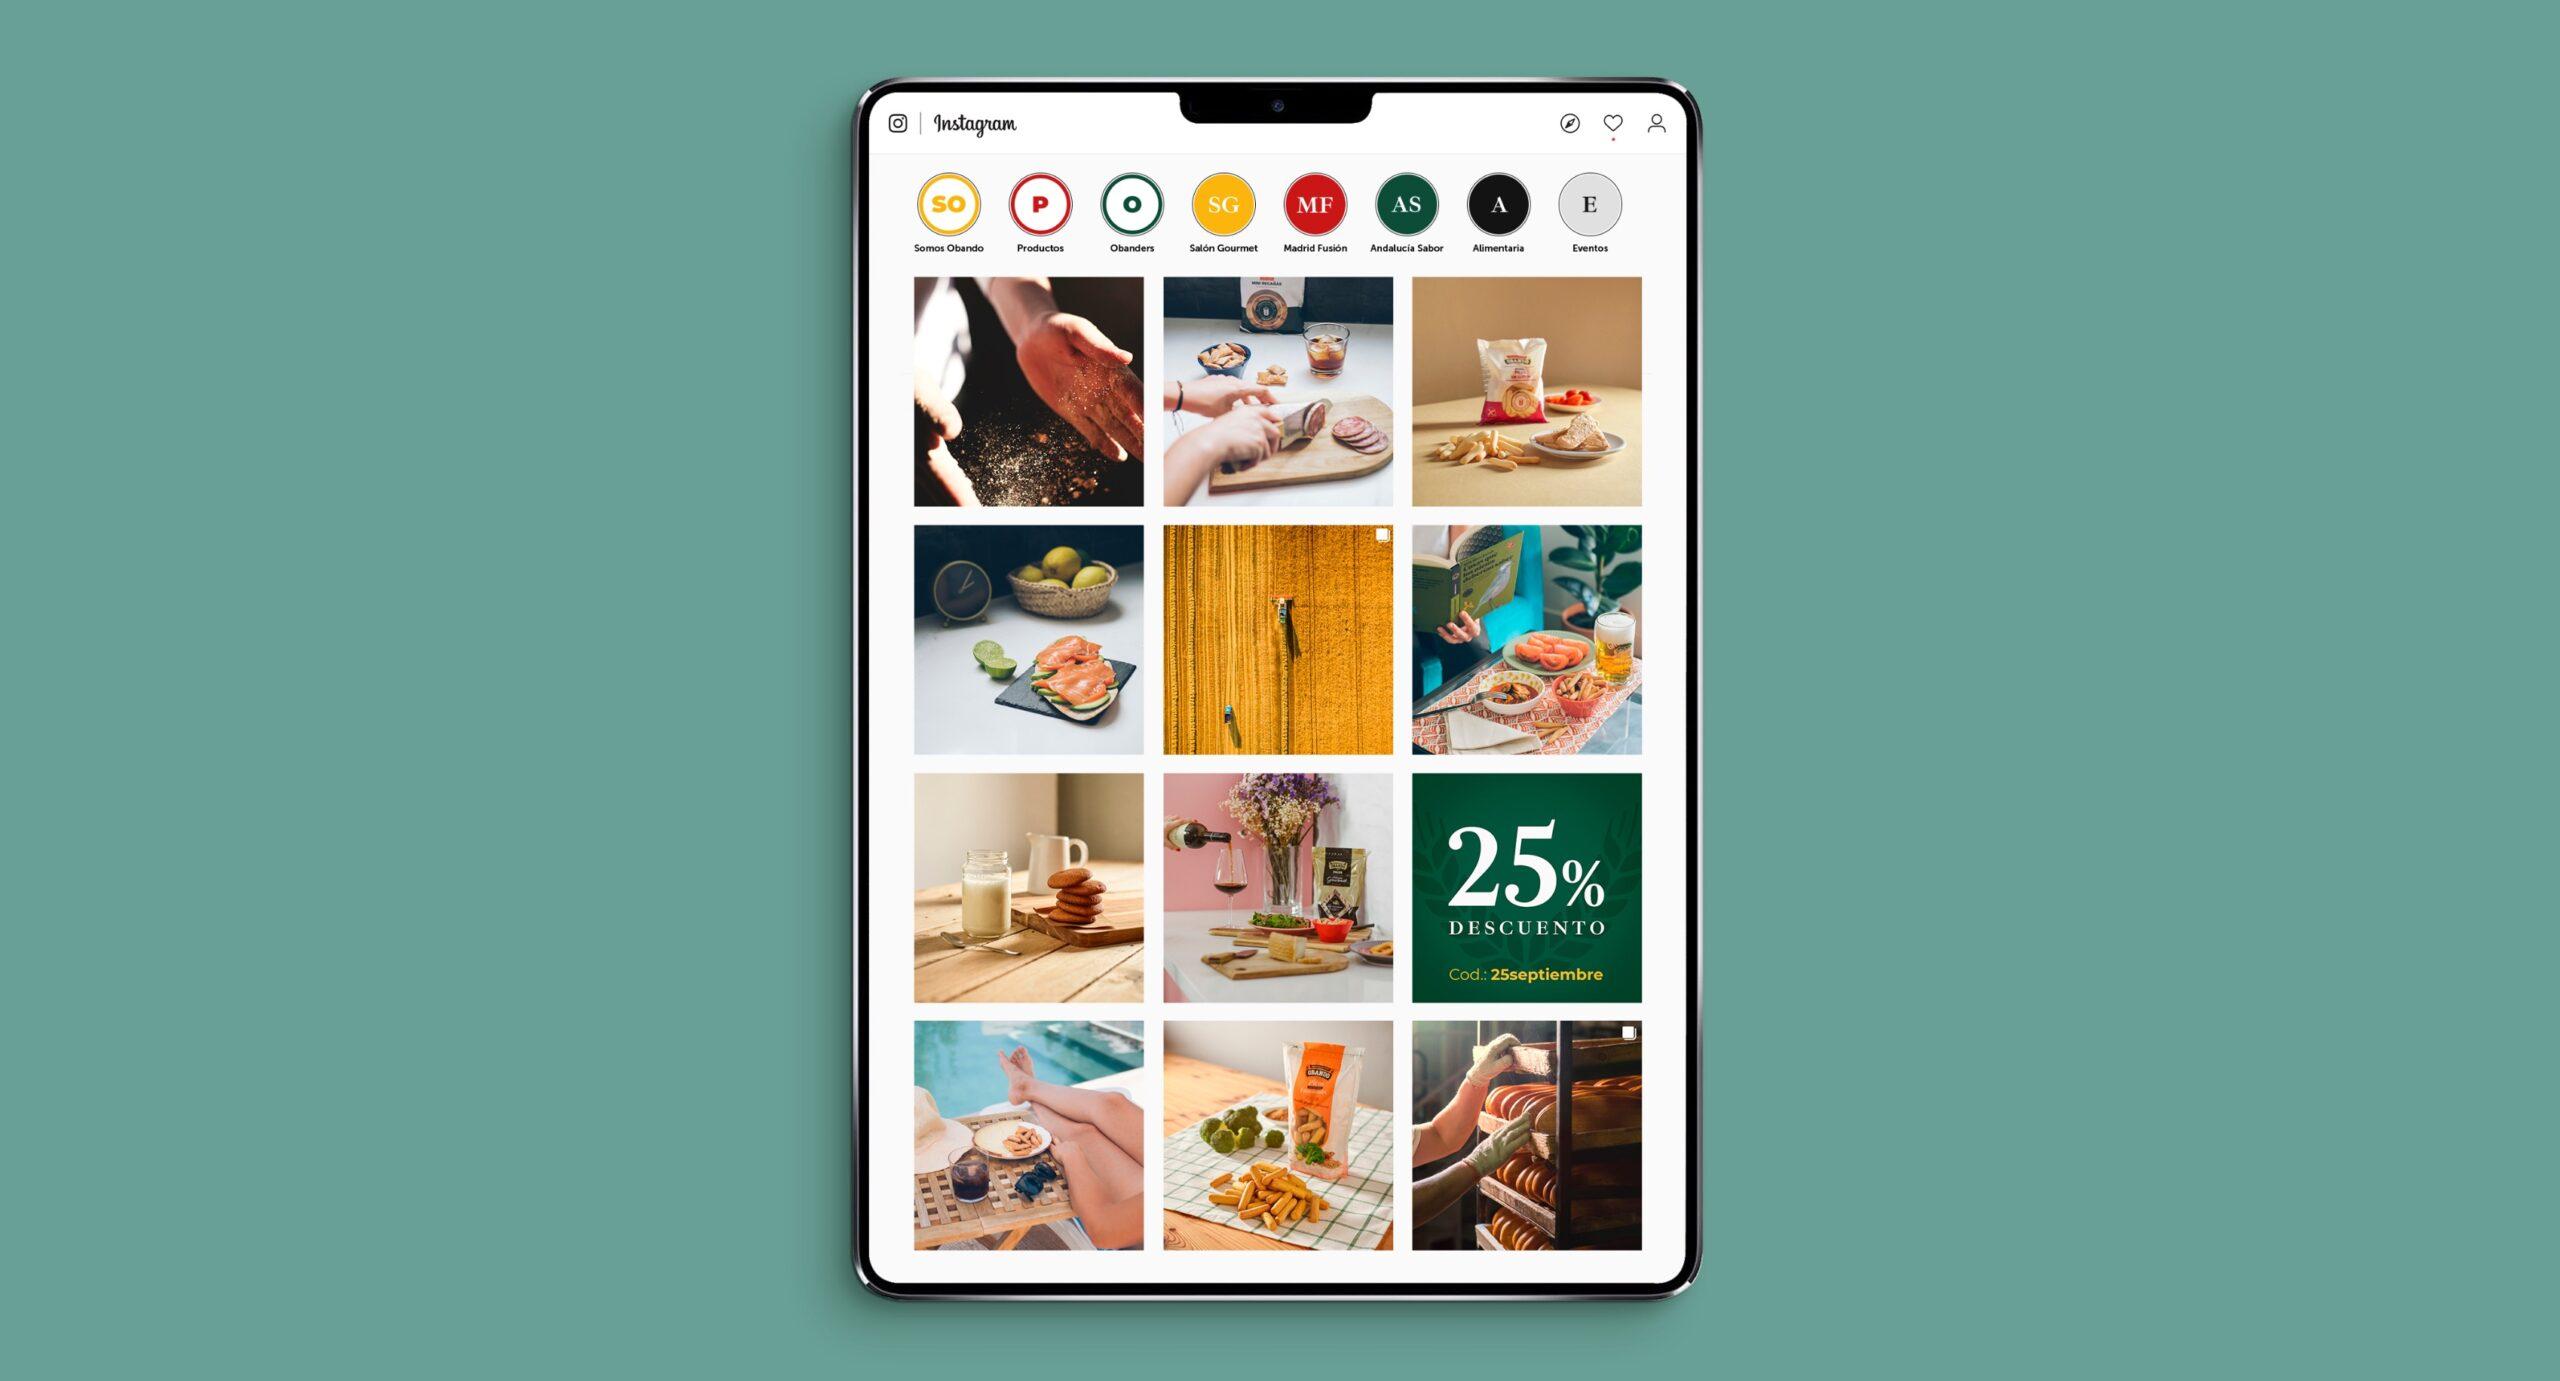 estrategia social media Panadería Obando